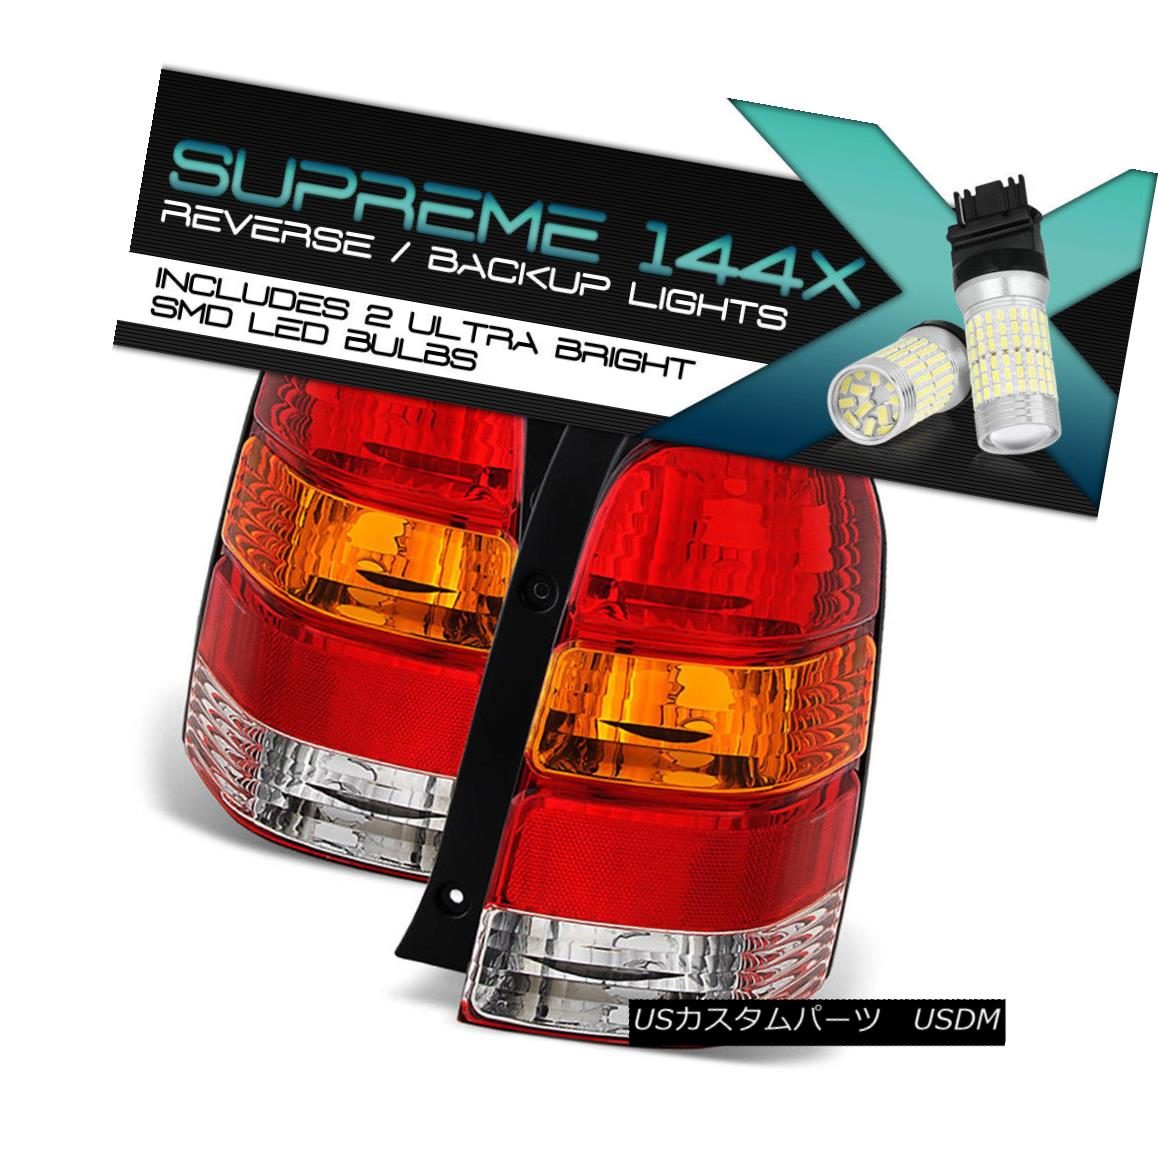 テールライト [Full SMD Reverse] 2001-2007 Ford Escape [FACTORY STYLE] Brake Tail Lights PAIR [フルSMDリバース] 2001-2007 Ford Escape [ファクトリースタイル]ブレーキテールライトペア